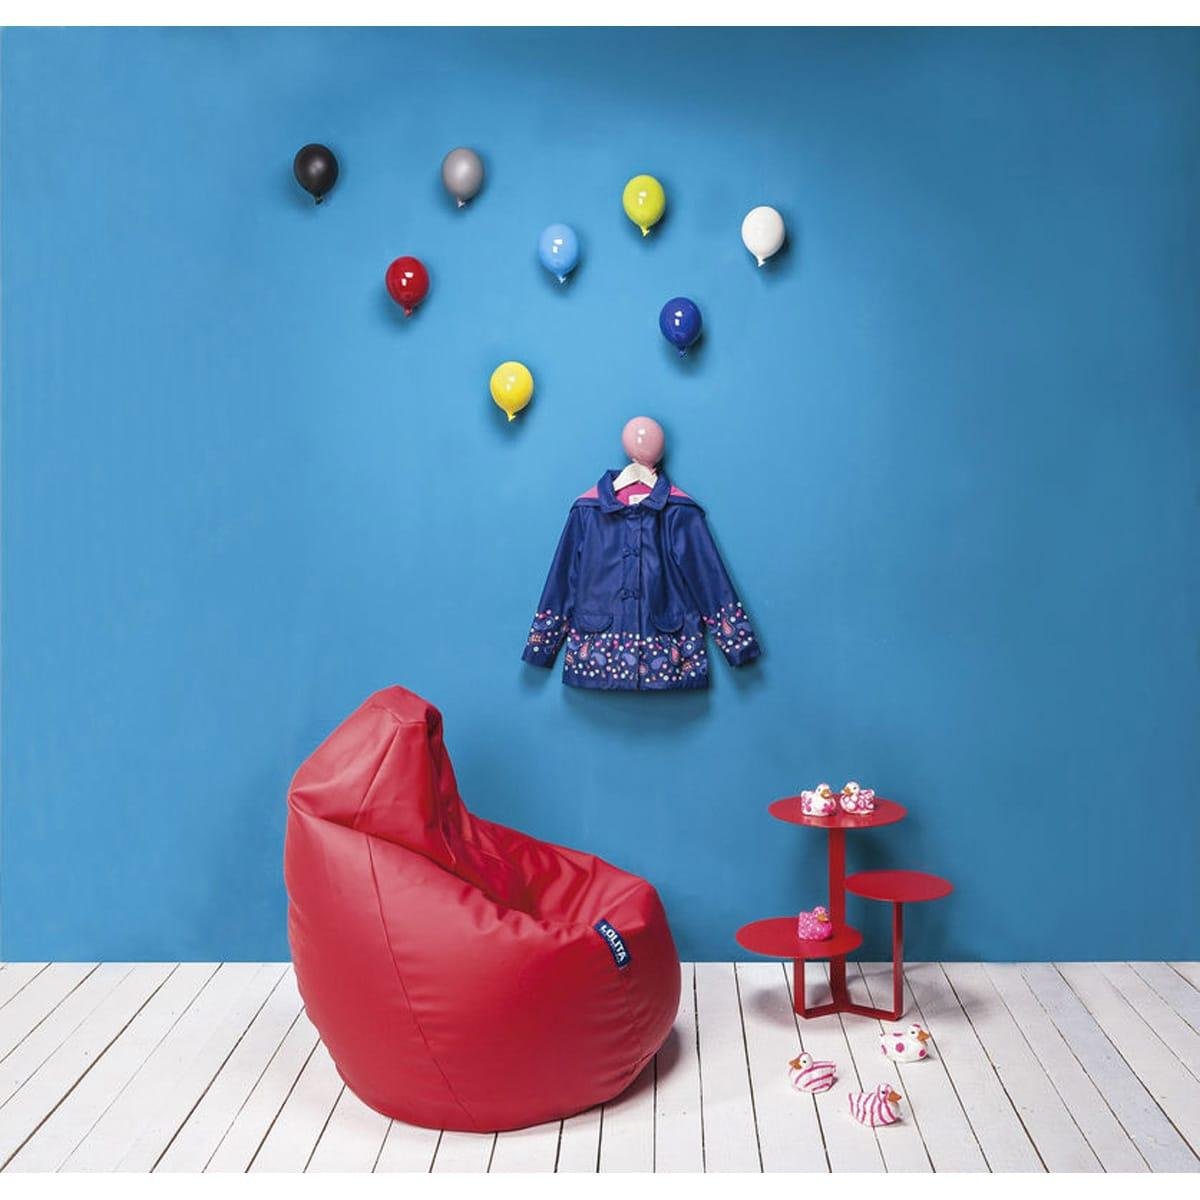 Palloncino in ceramica appendiabiti decorativo miniBalloon azzurro, bianco, blu, giallo, grigio, nero, rosa, rosso e verde su parete